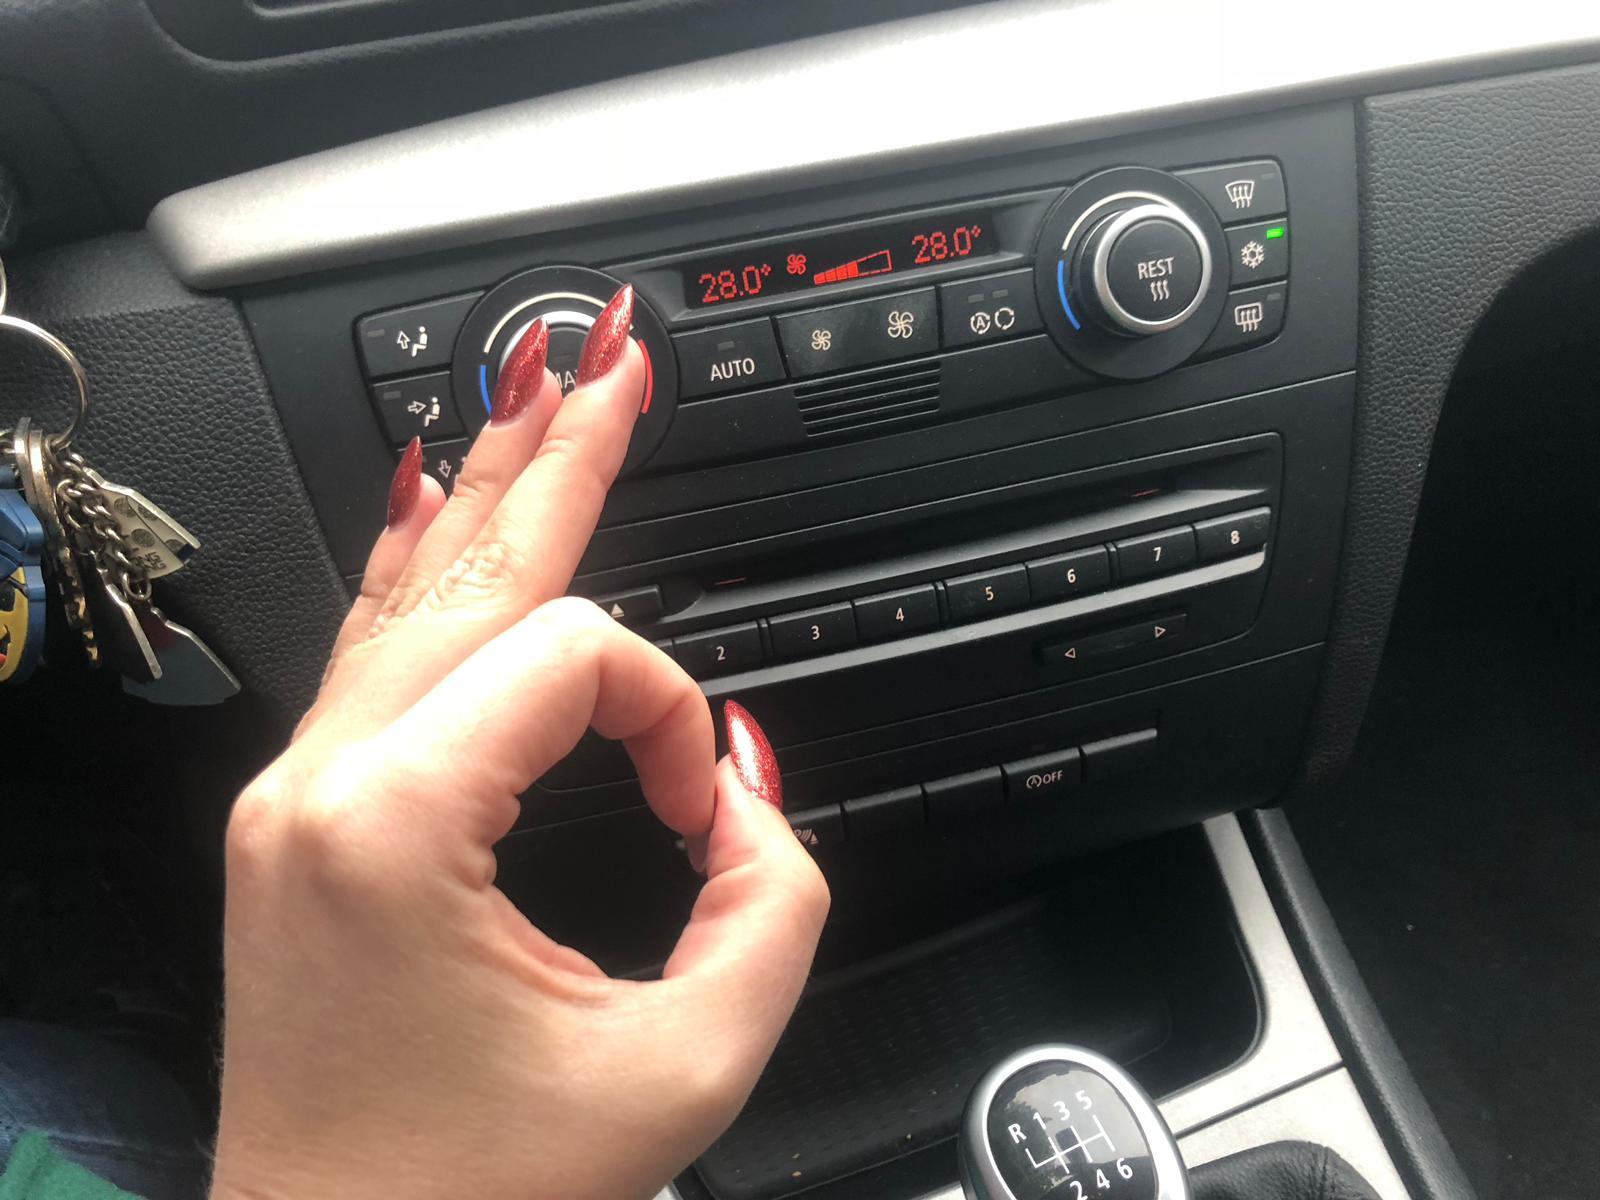 Verwarming in de auto